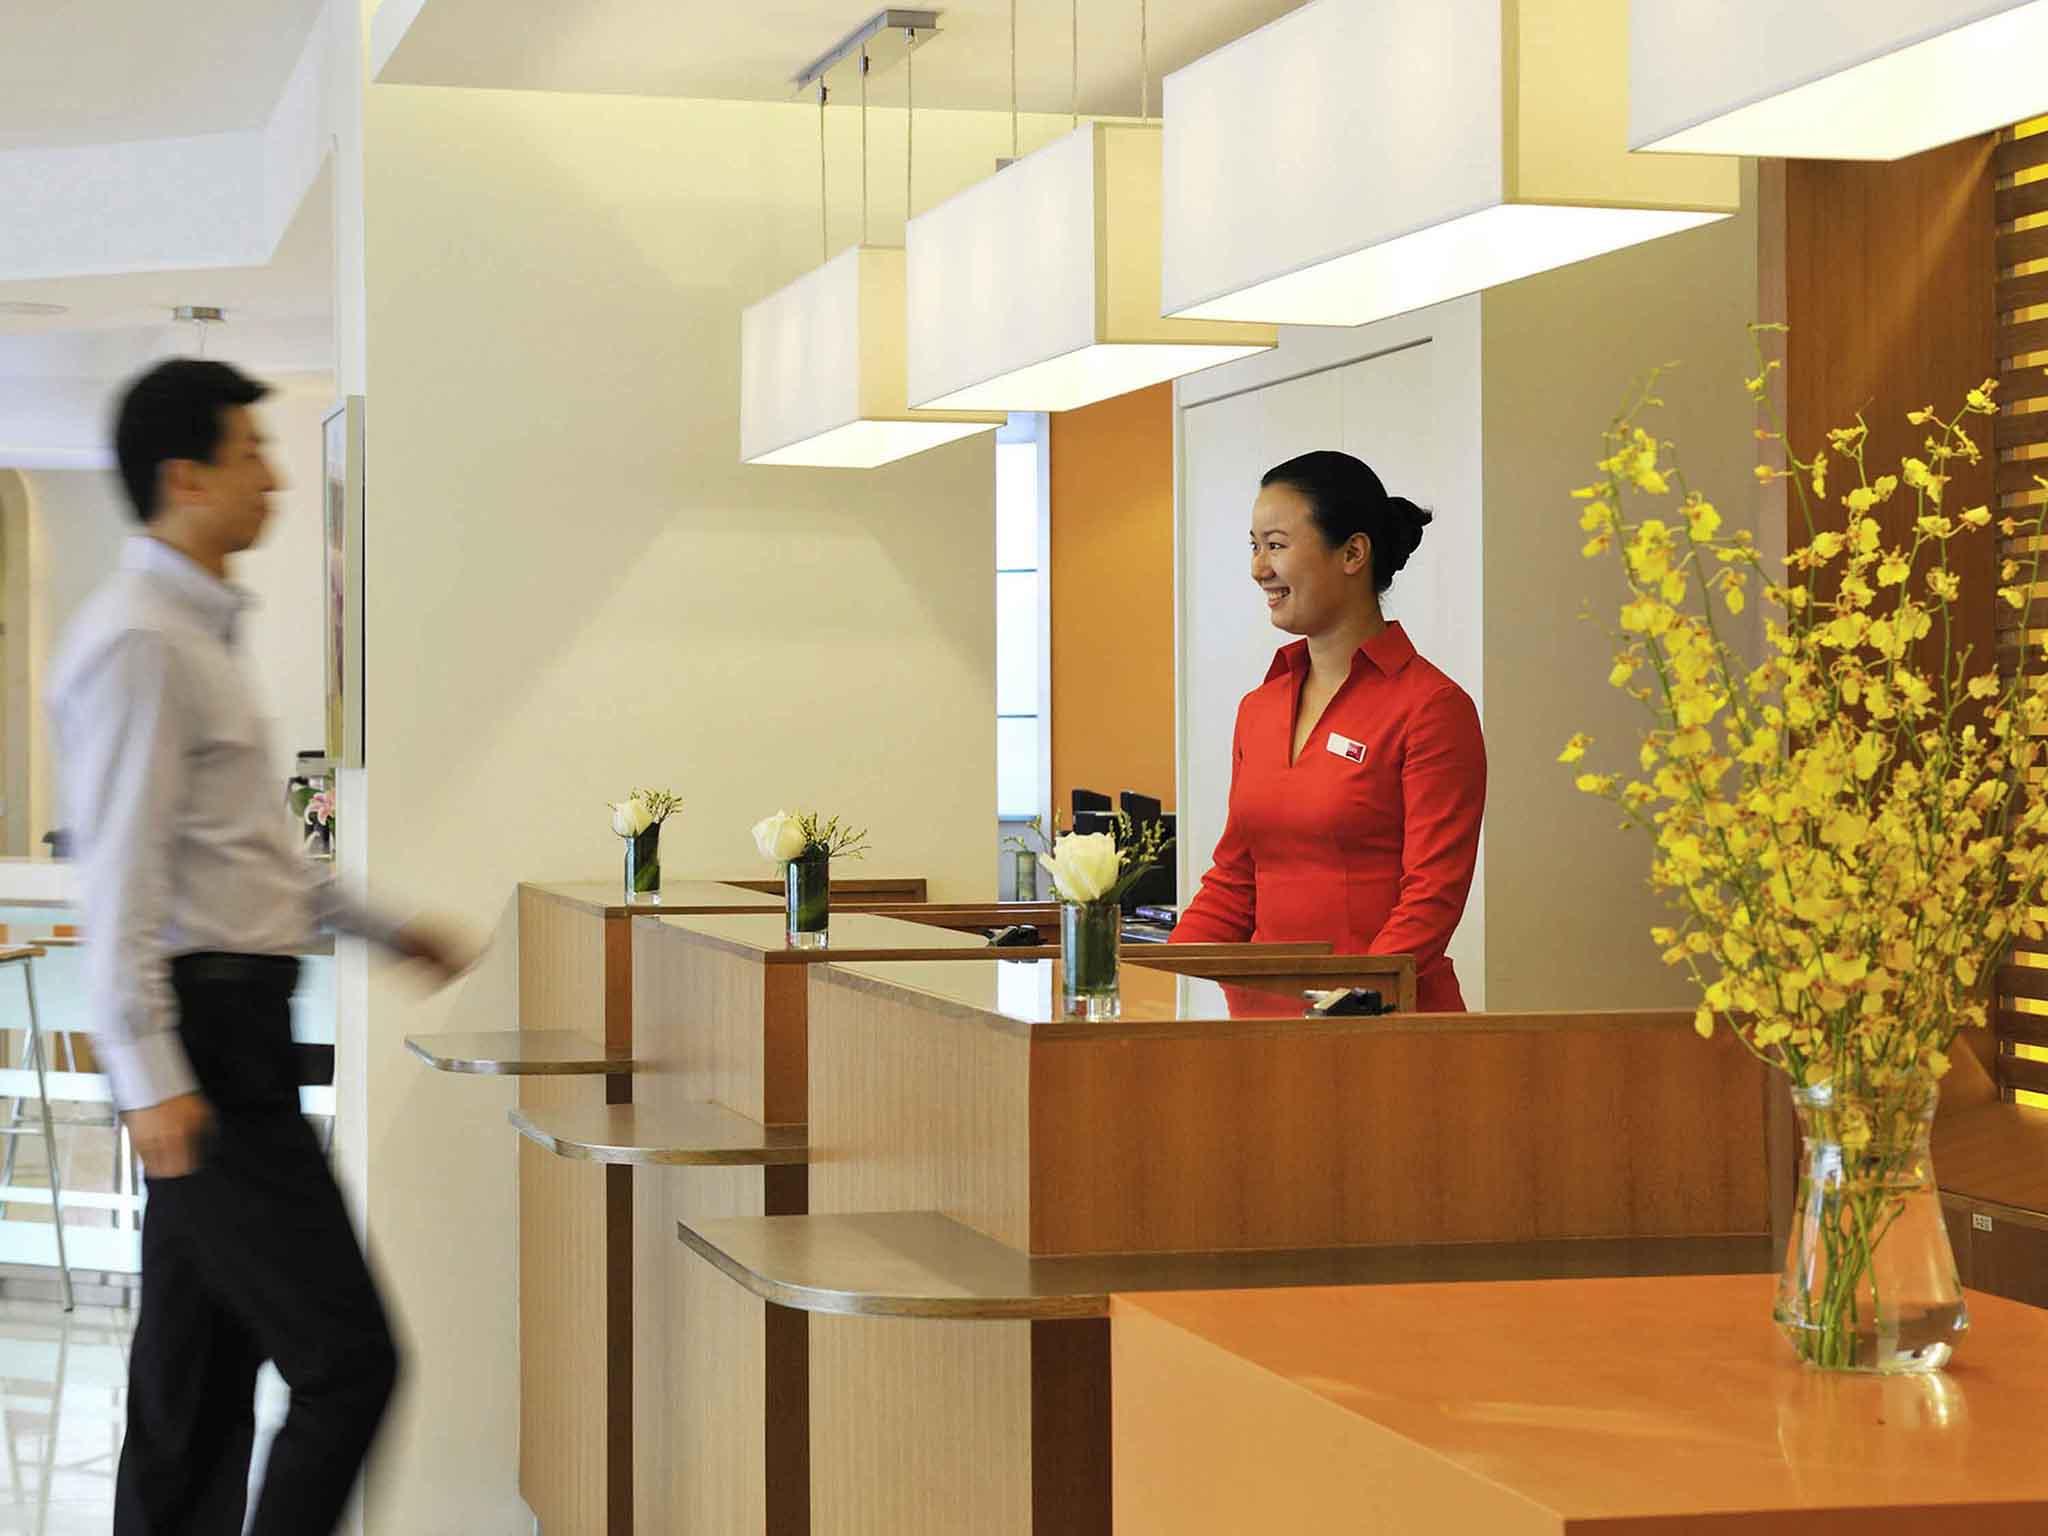 โรงแรม – ไอบิส ปักกิ่ง ถนนต้าเฉิง โร้ด